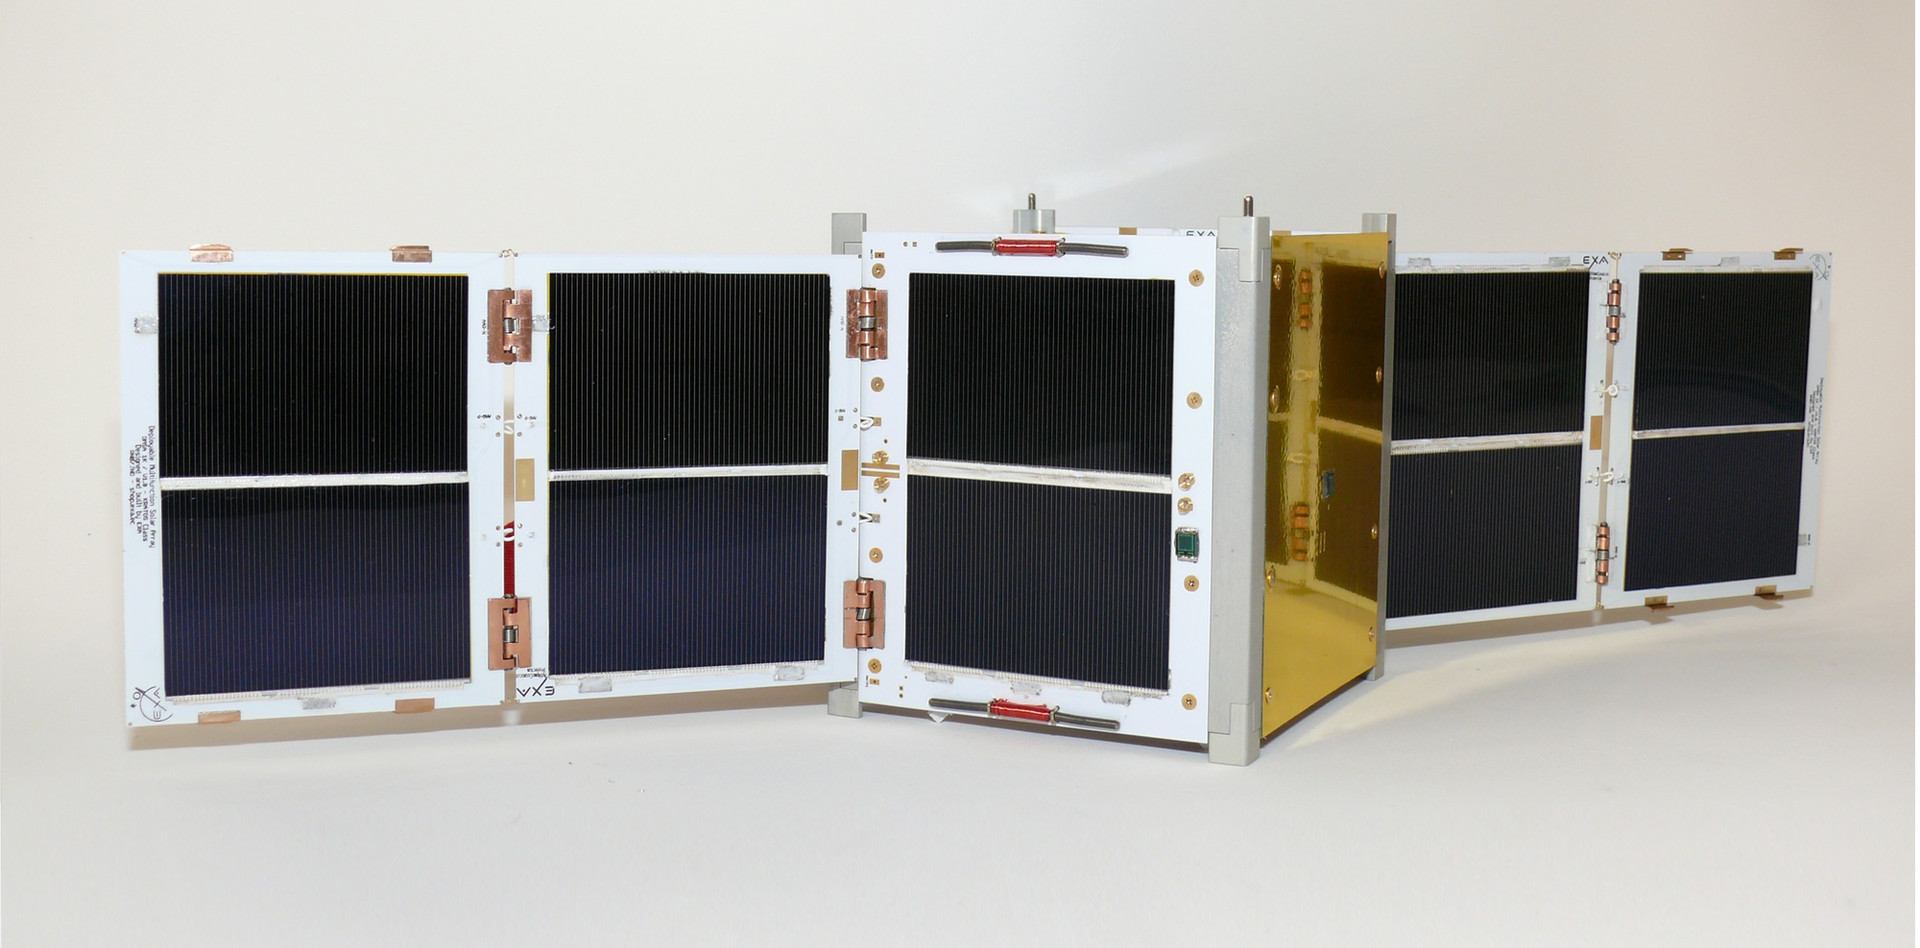 KRATOS 1B Cubesat Platform